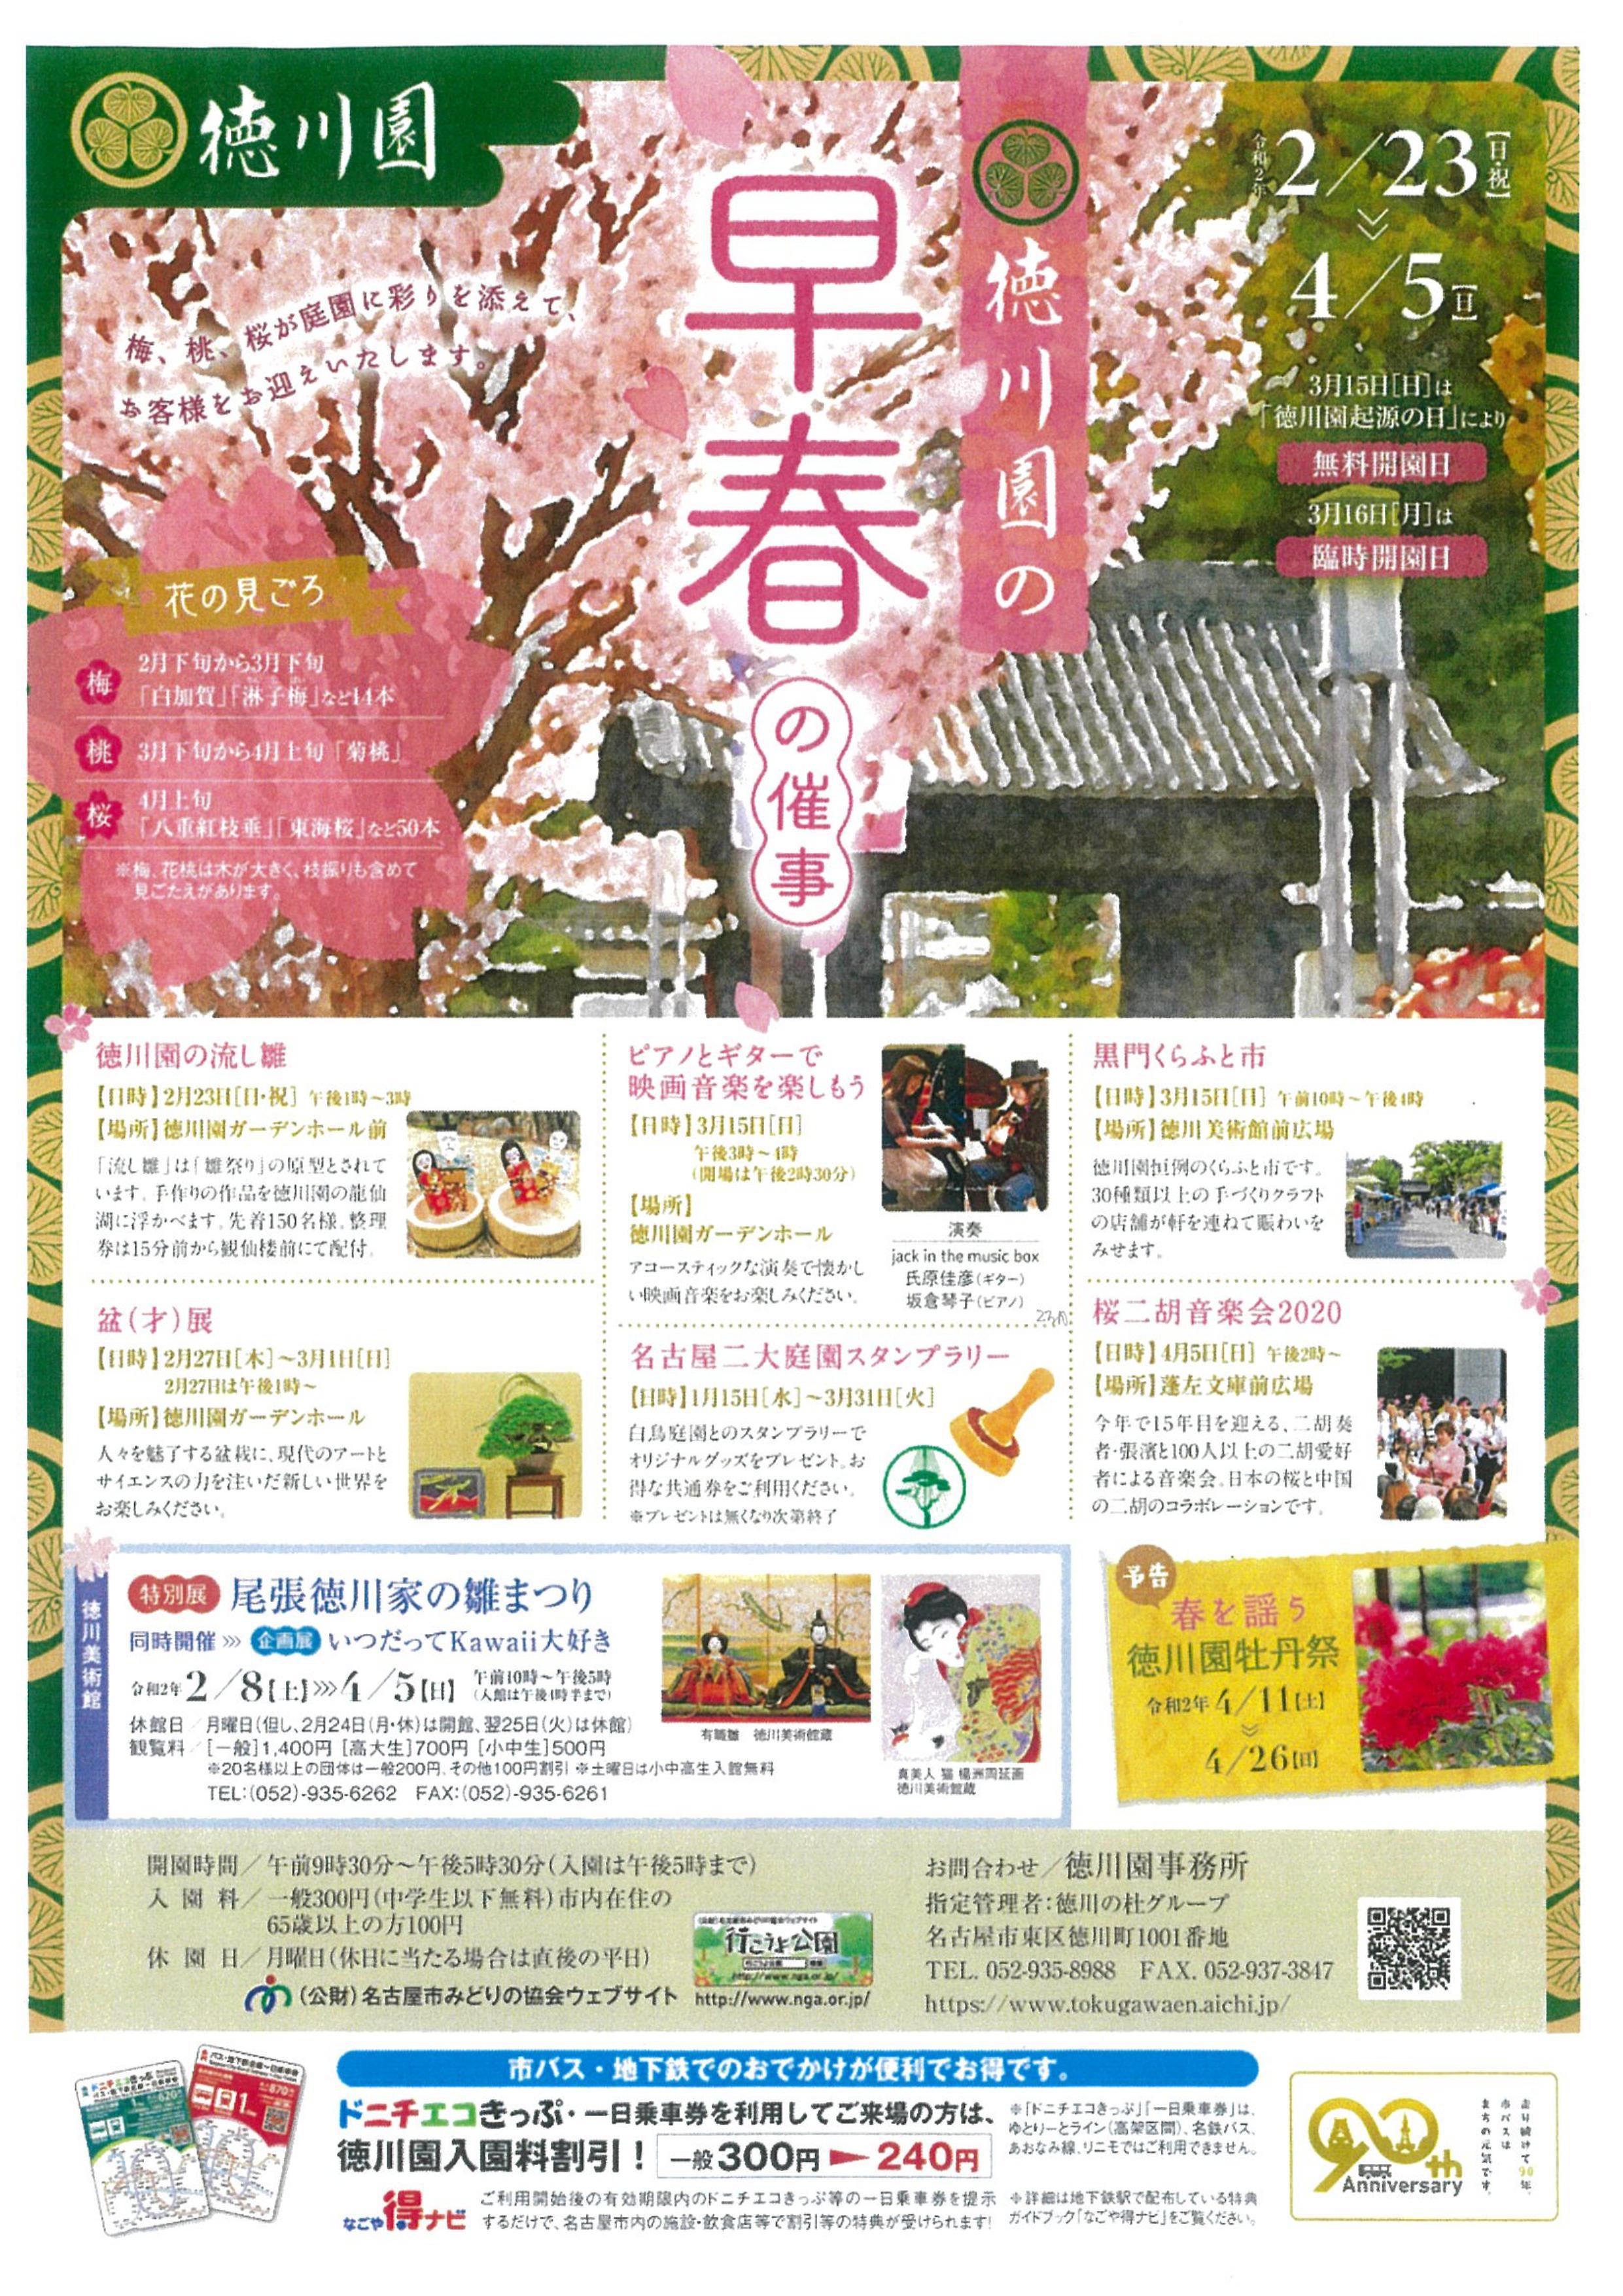 2/23~徳川園 早春の催事(流し雛、盆栽展、くらふと市ほか)